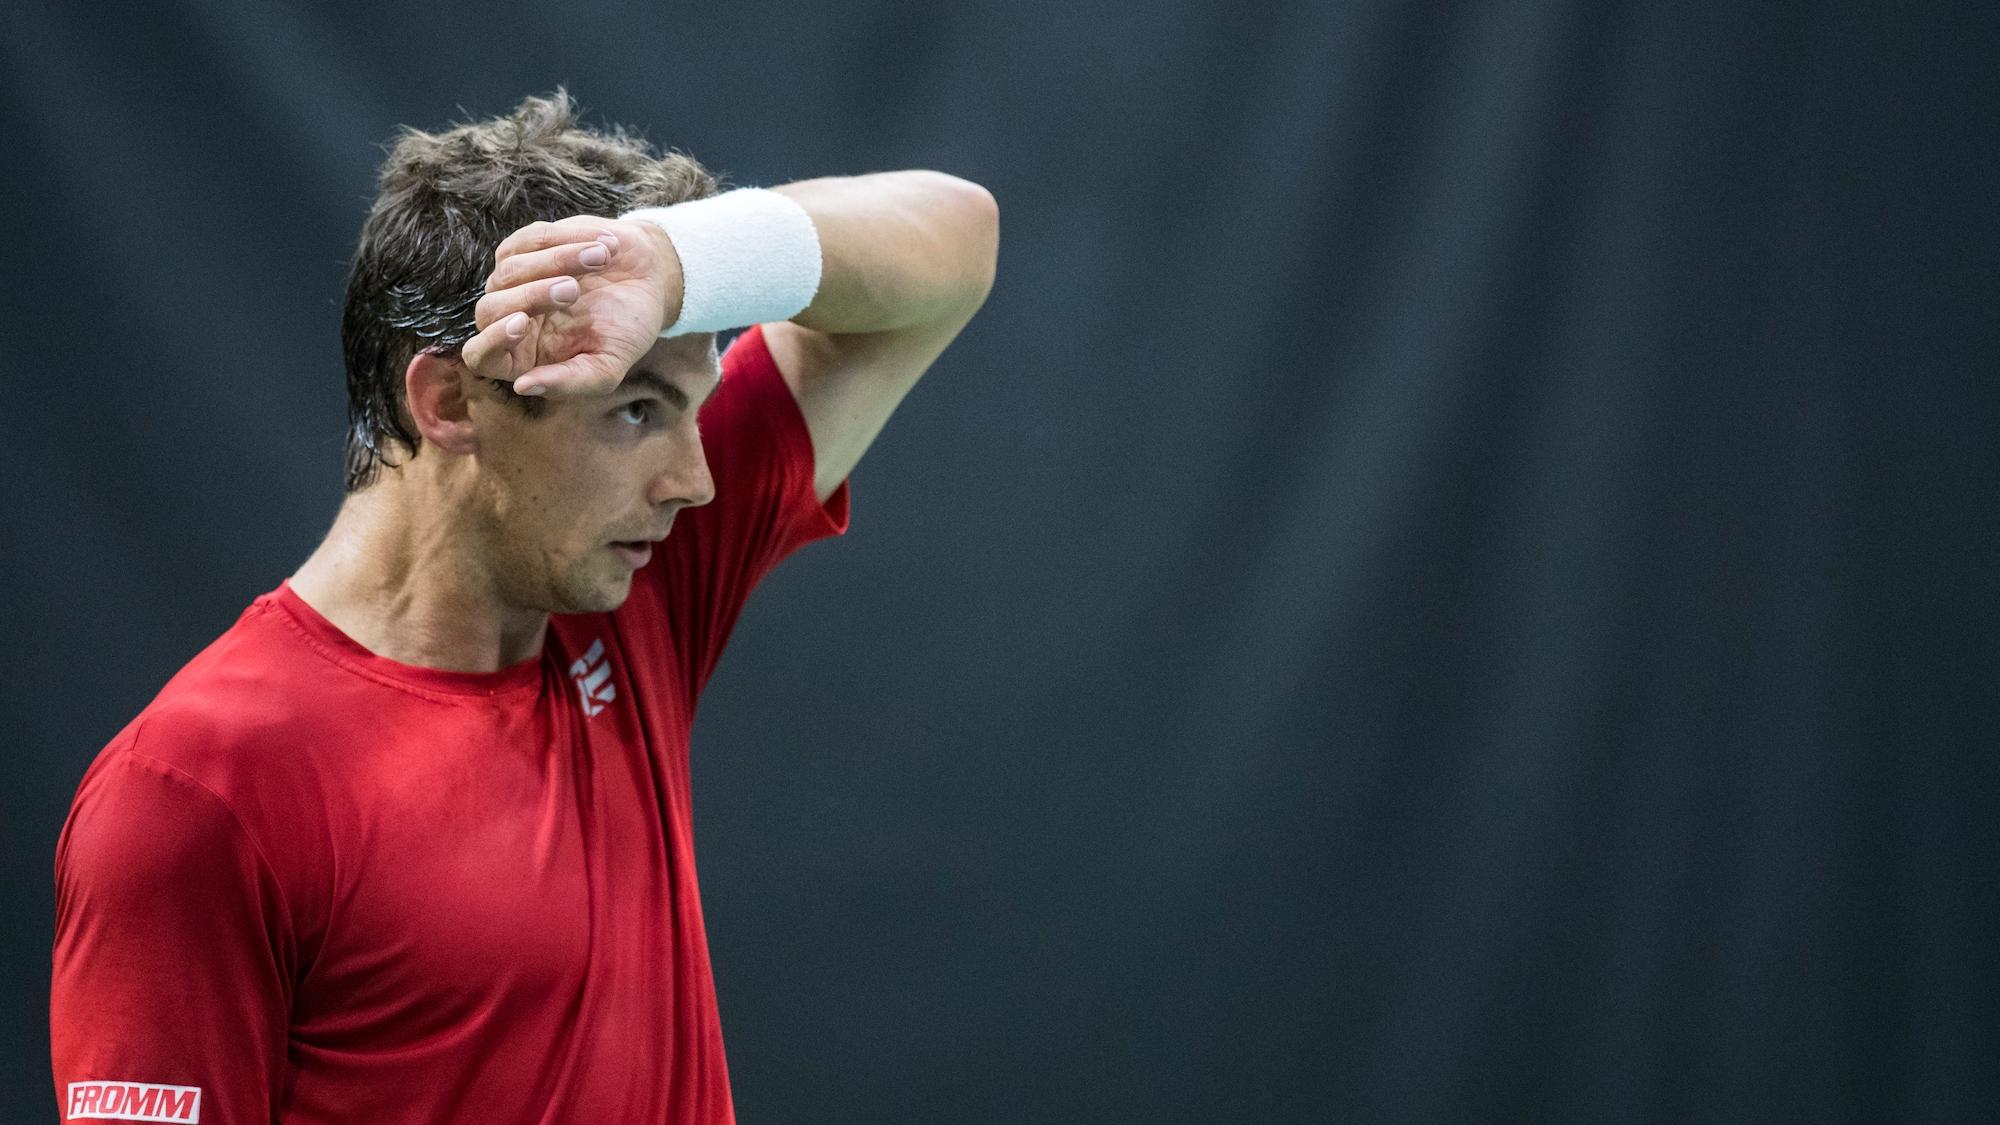 Laaksonens Top-100-Knacknuss: «Tennis ist für mich immer noch ein Überlebenskampf»